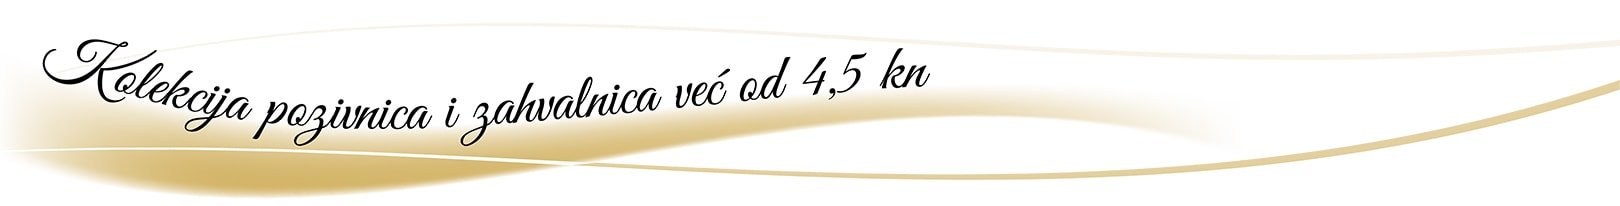 Kolekcija pozivnica i zahvalnica već od 4,5kn